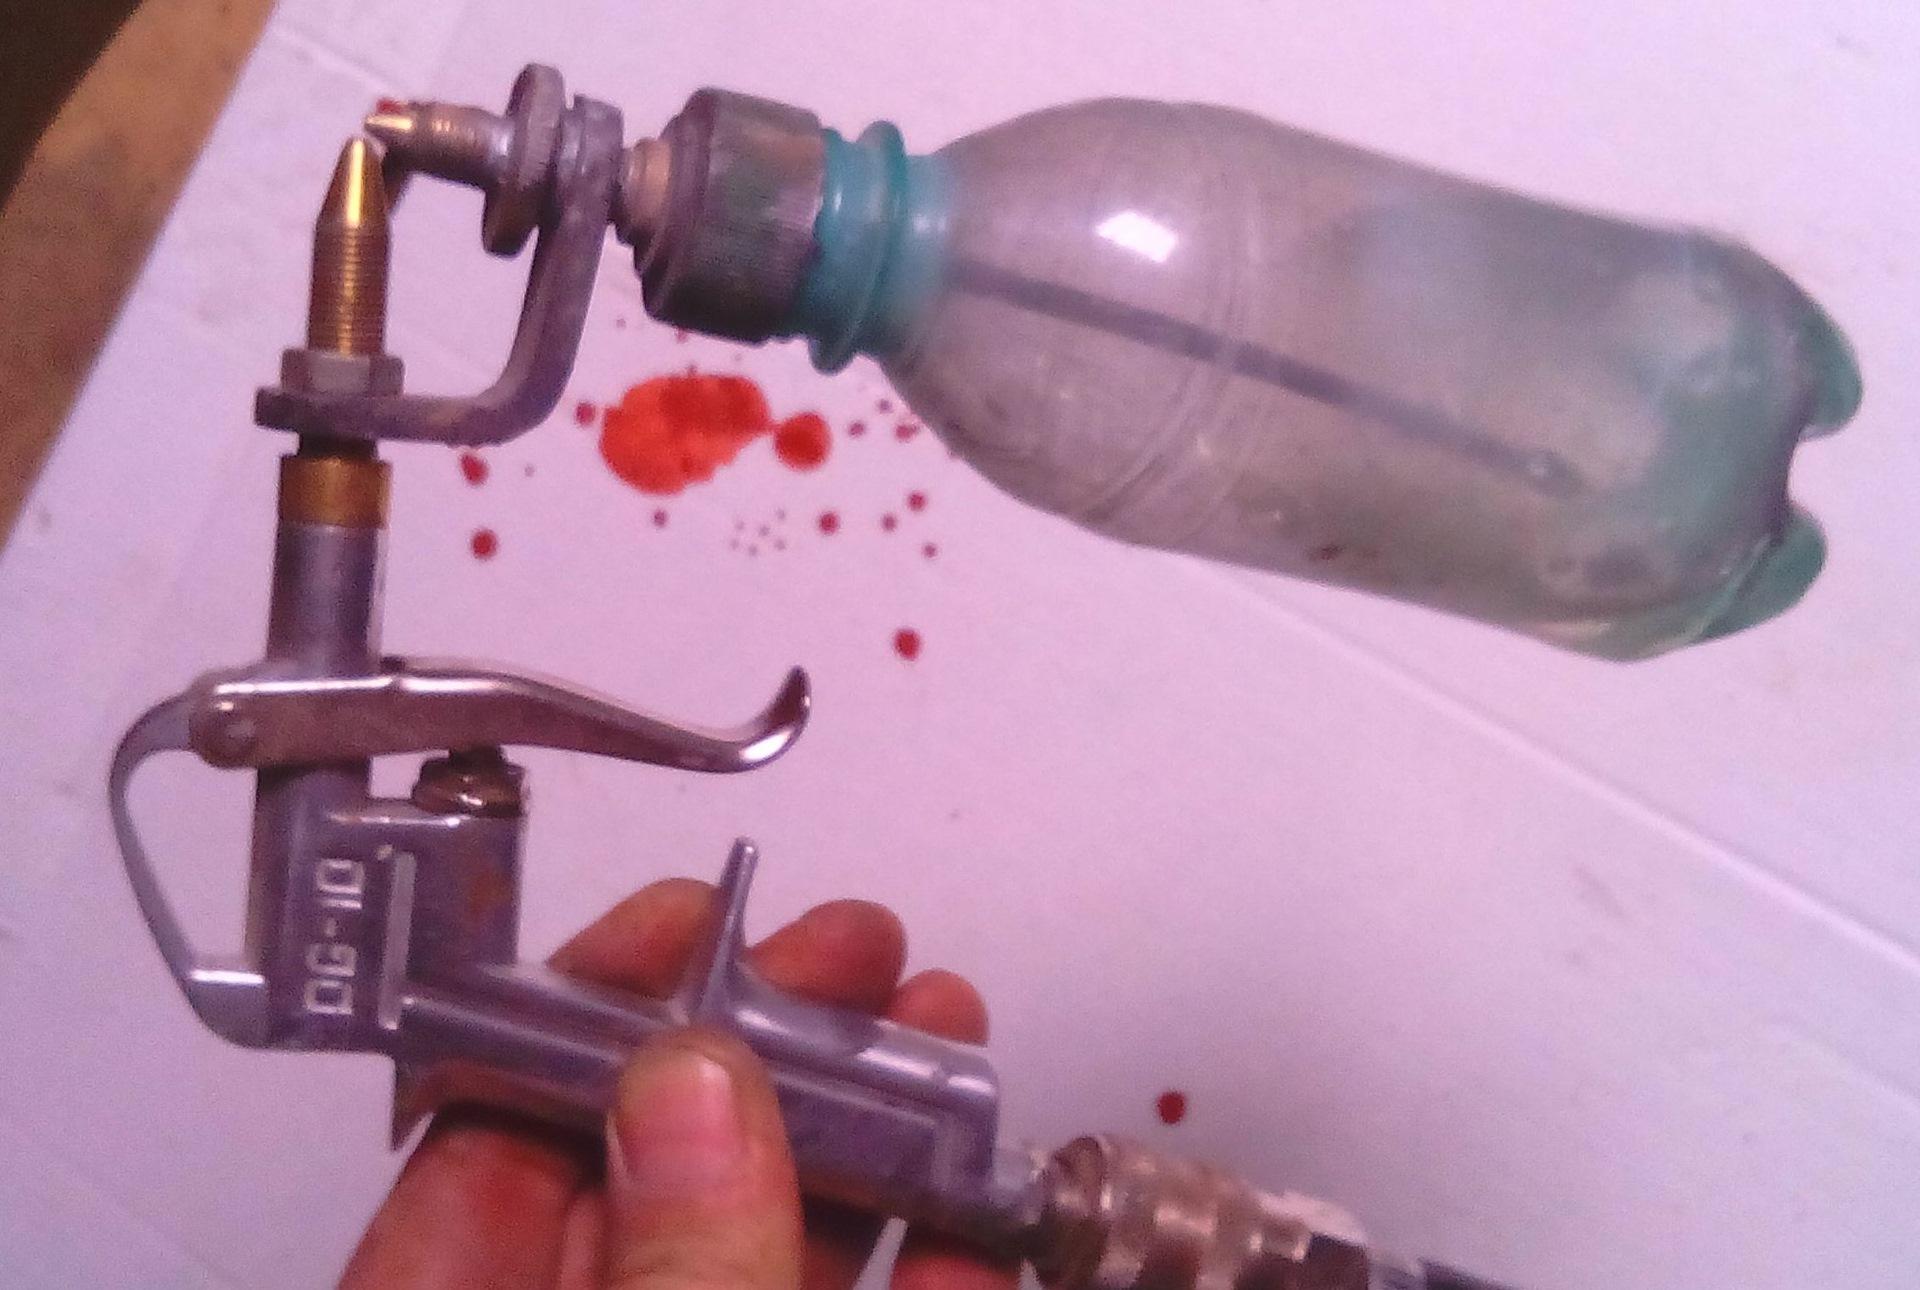 Краскопульт своими руками: инструкции по изготовлению (3 варианта)